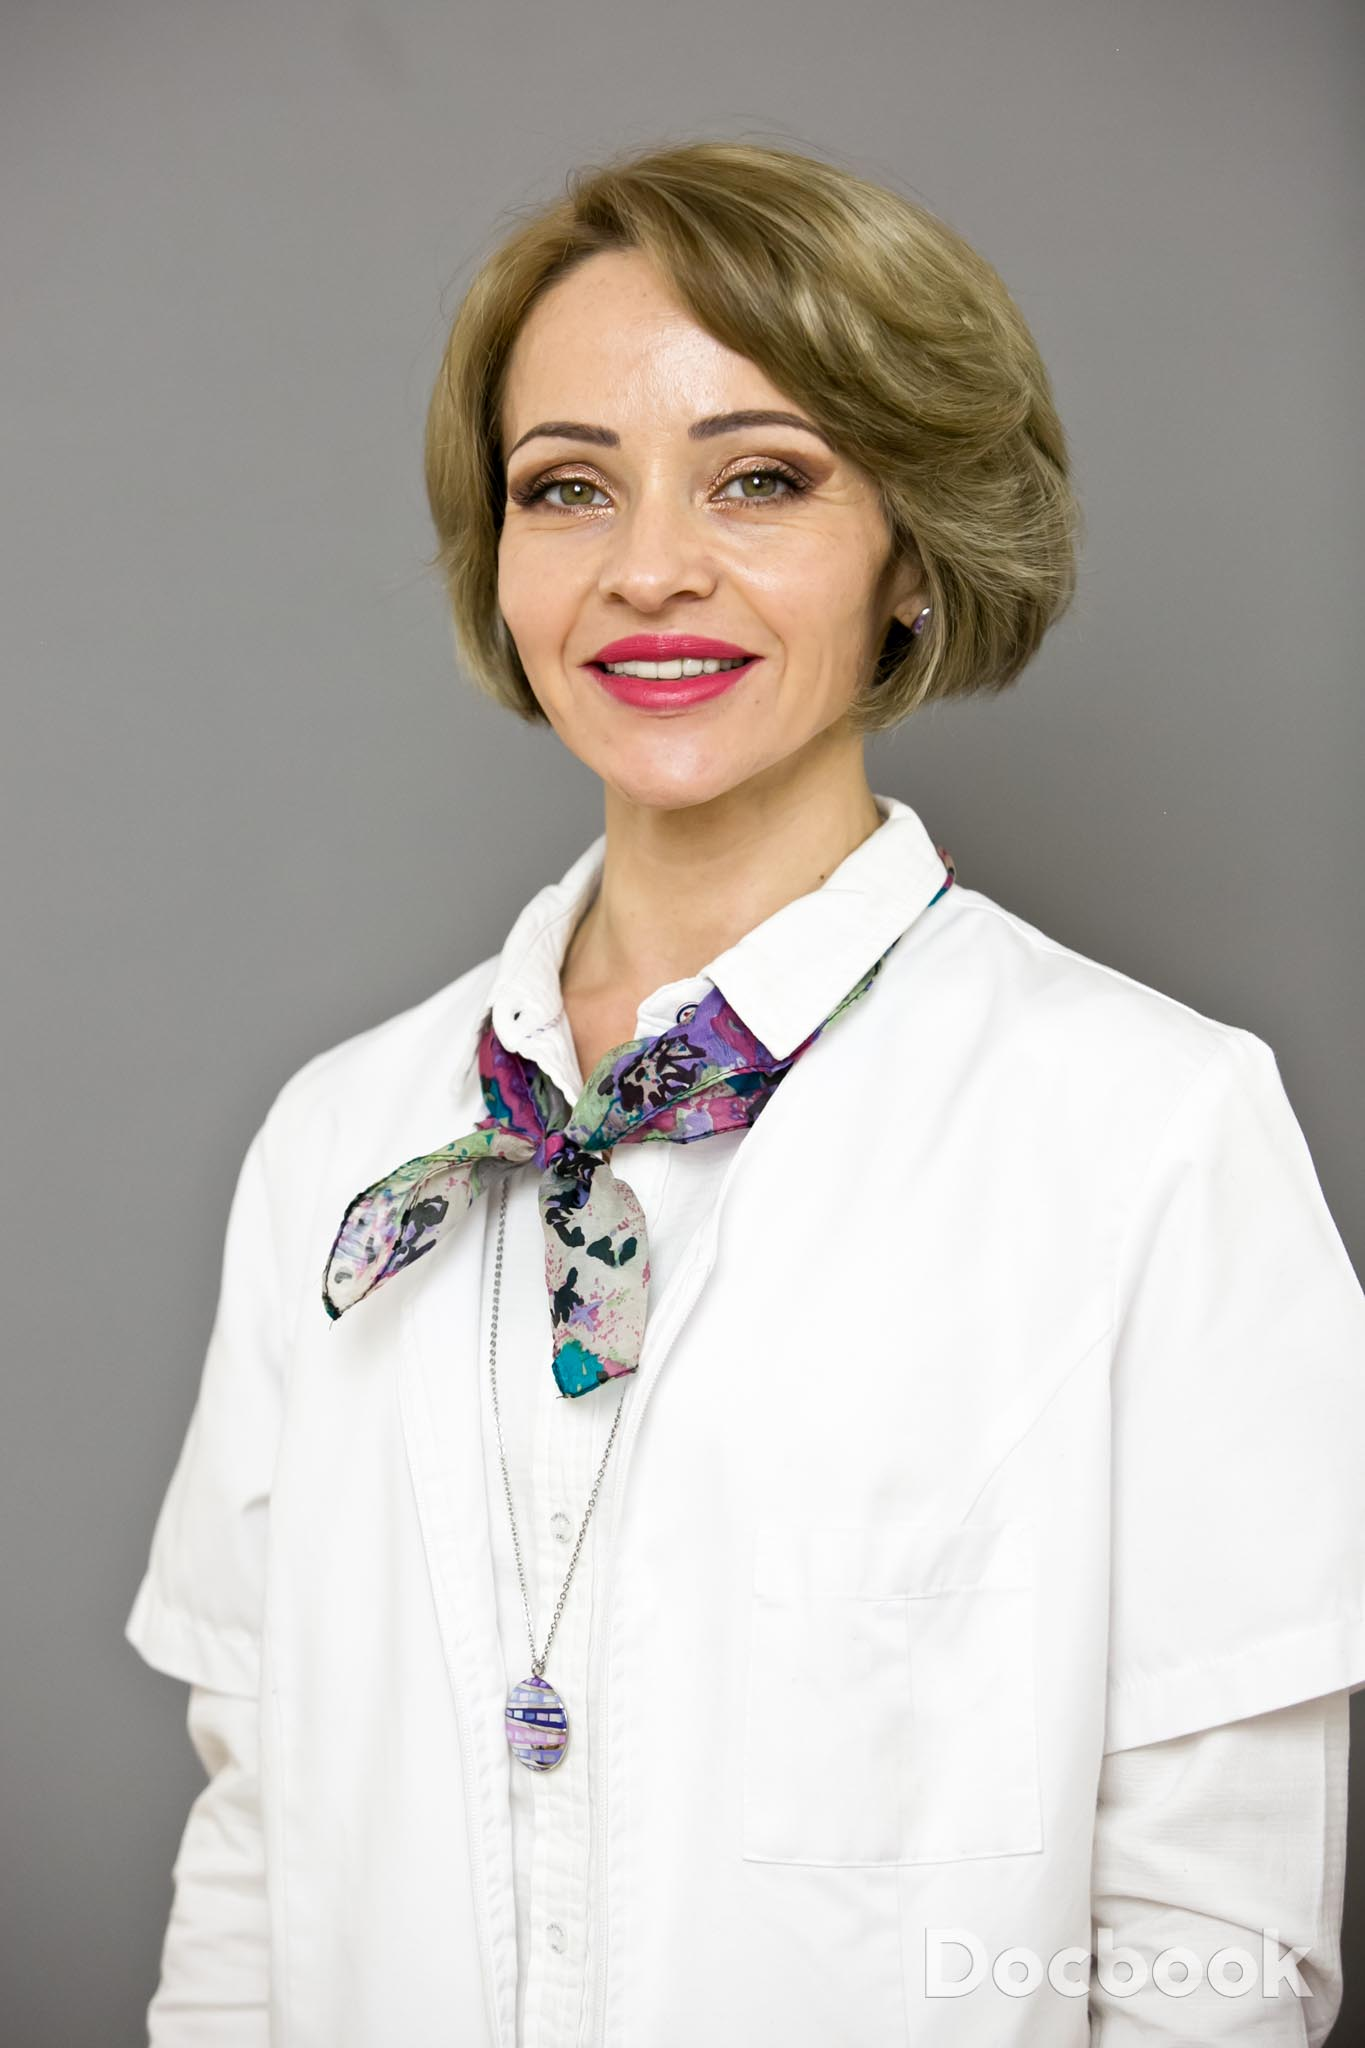 Dr. Ioana Rucsandra Voiculescu